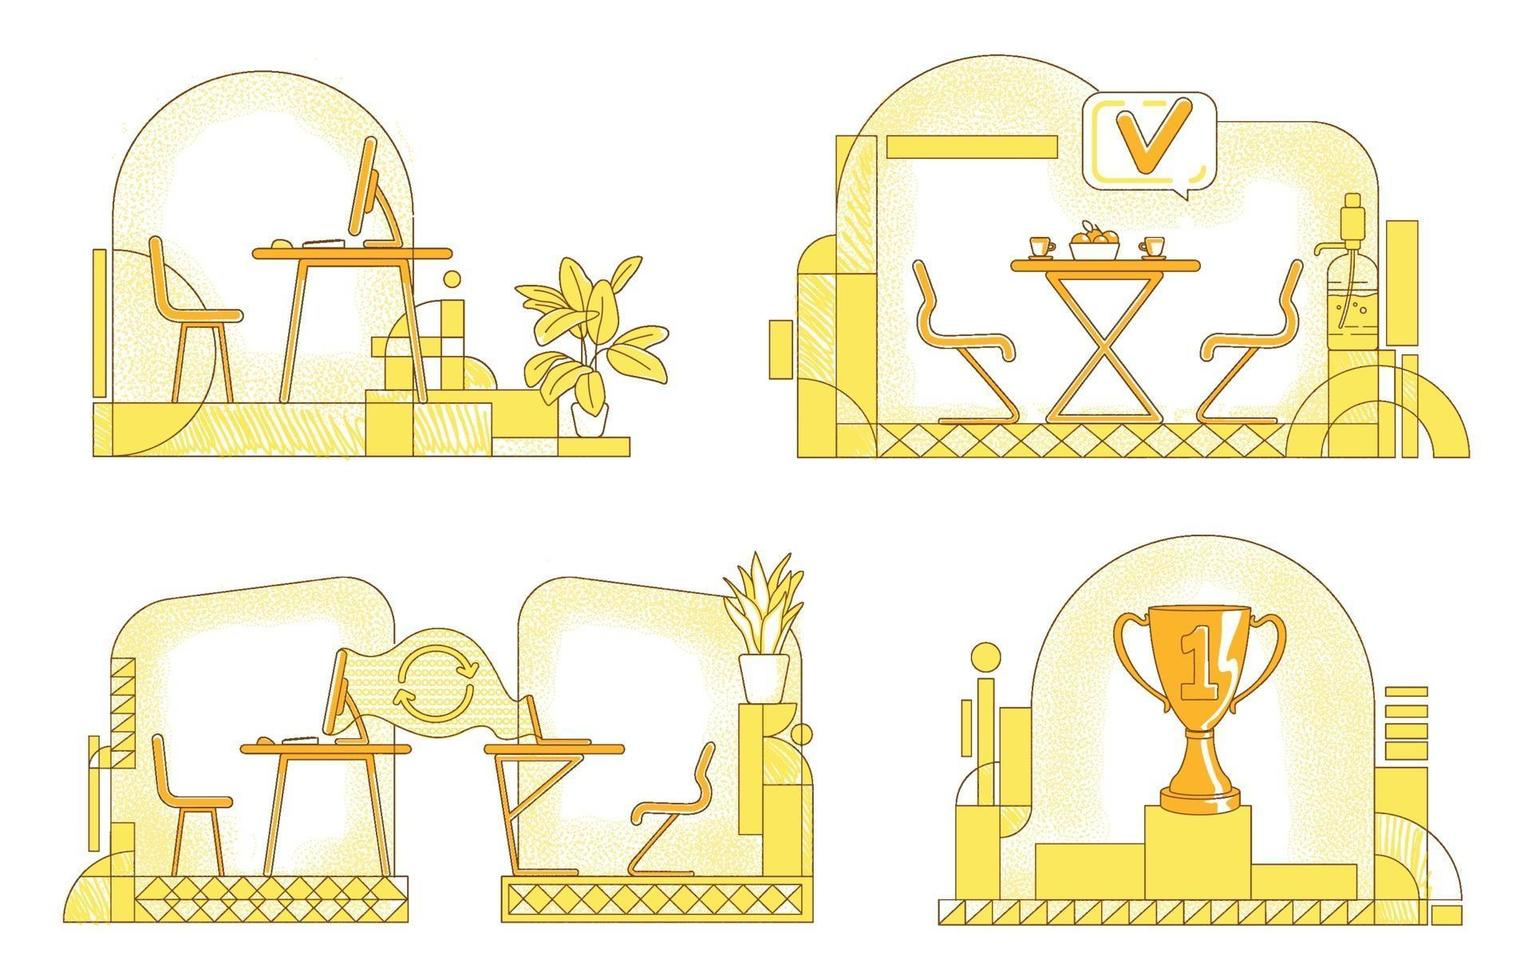 Geschäftsbüro flache Silhouette Vektor-Illustrationen gesetzt. Konturkomposition des Unternehmensarbeitsbereichs auf gelbem Hintergrund. persönlicher und abgelegener Arbeitsplatz, Loungezone, Sockel-Zeichnungspaket im einfachen Stil vektor